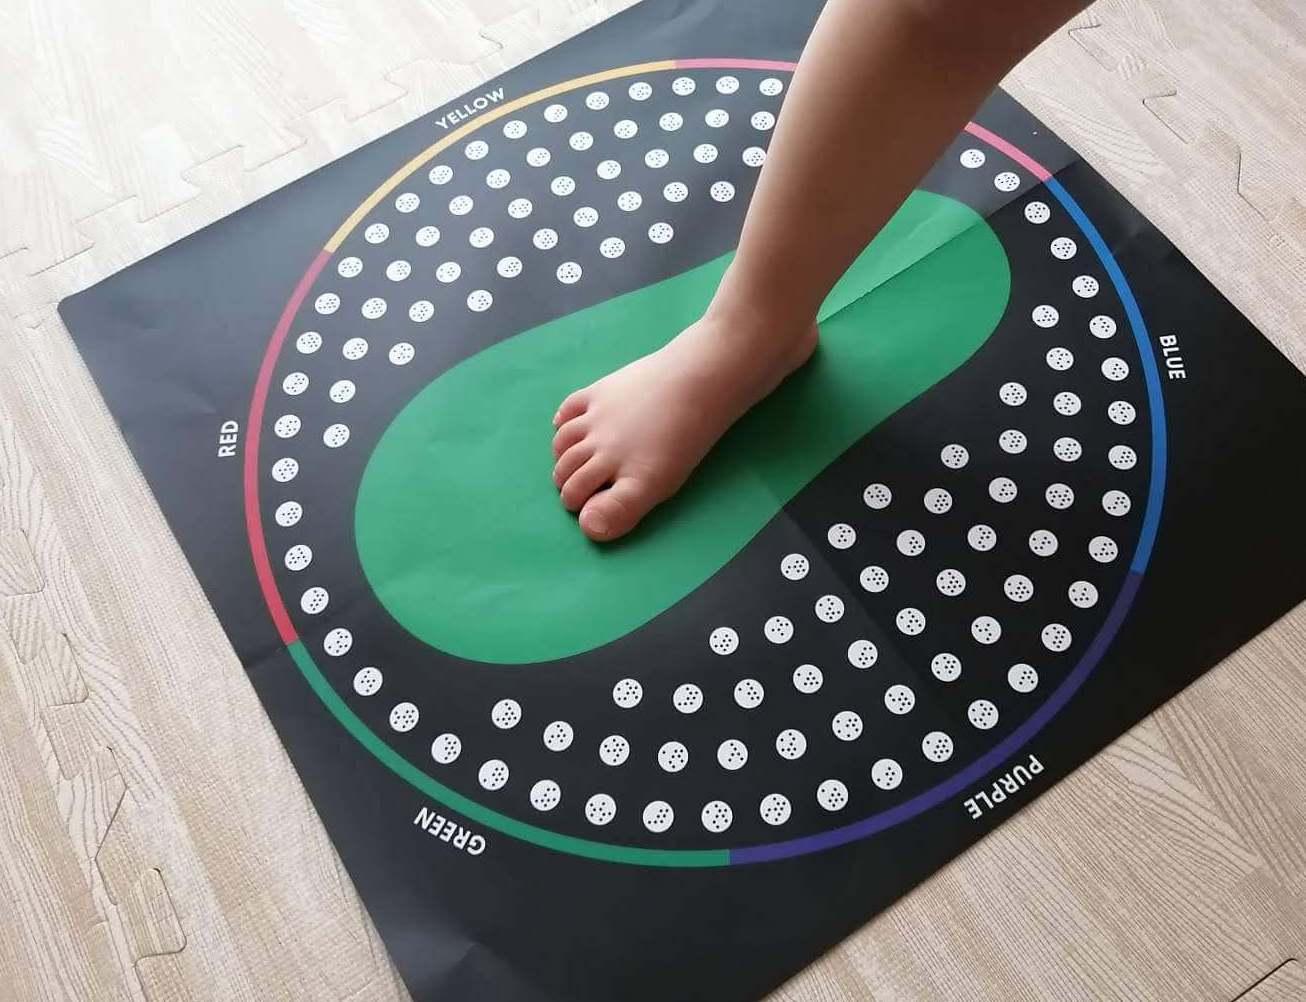 ZOZOMATで子どもの足のサイズを計測する3つのコツ